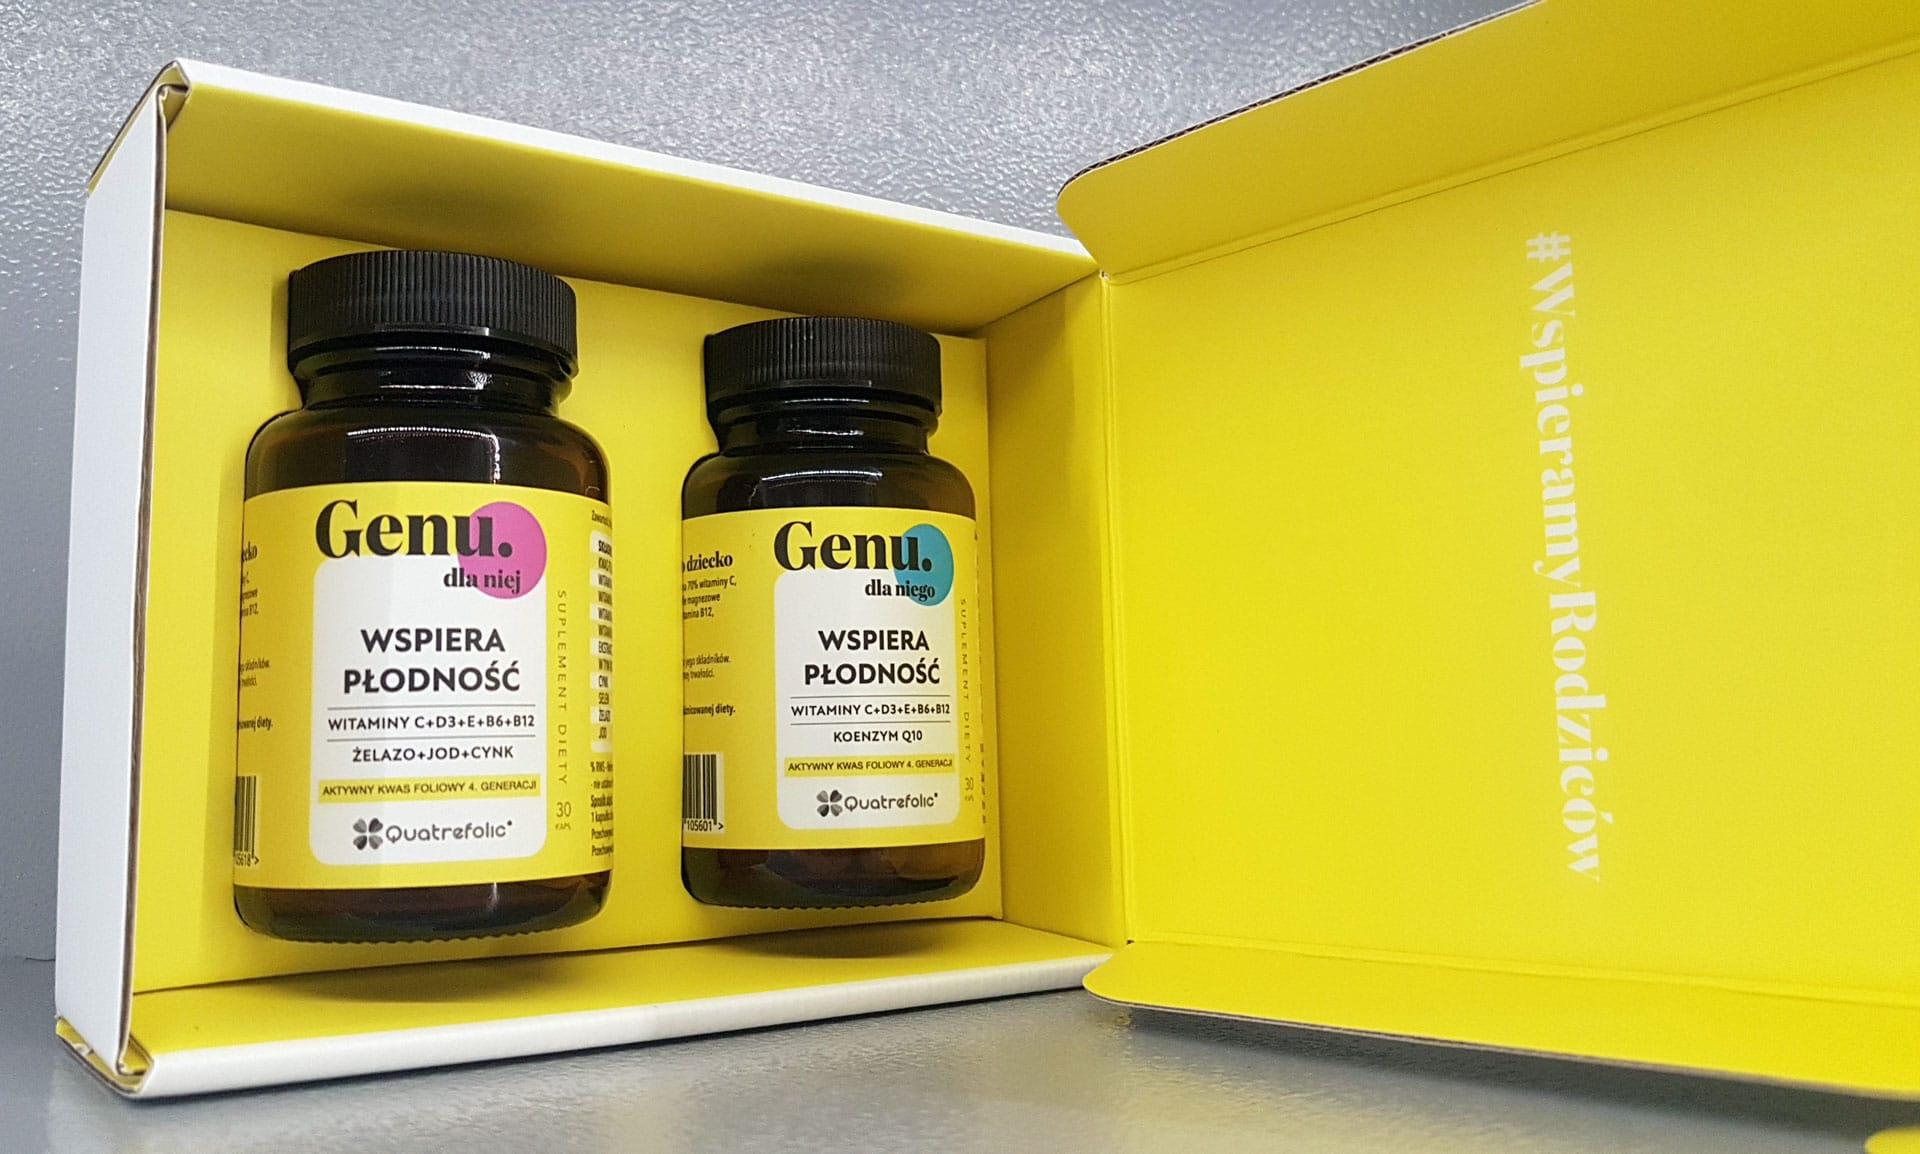 Genu - suplementy diety na płodność